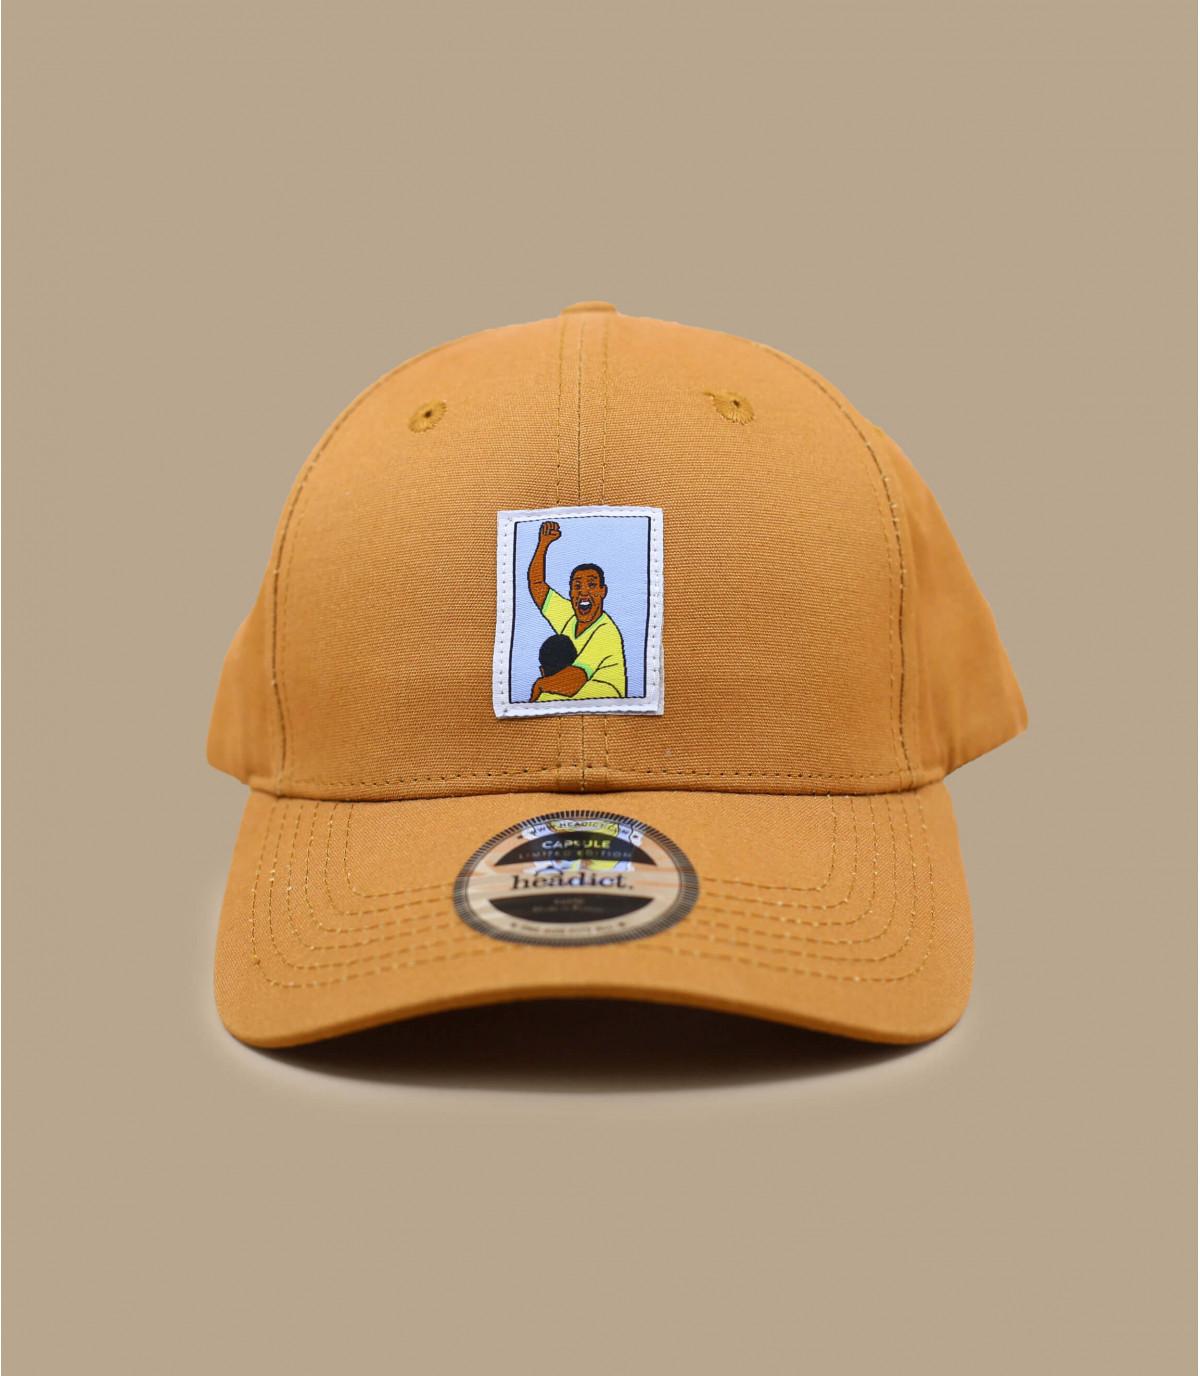 casquette Brésil rétro n°10